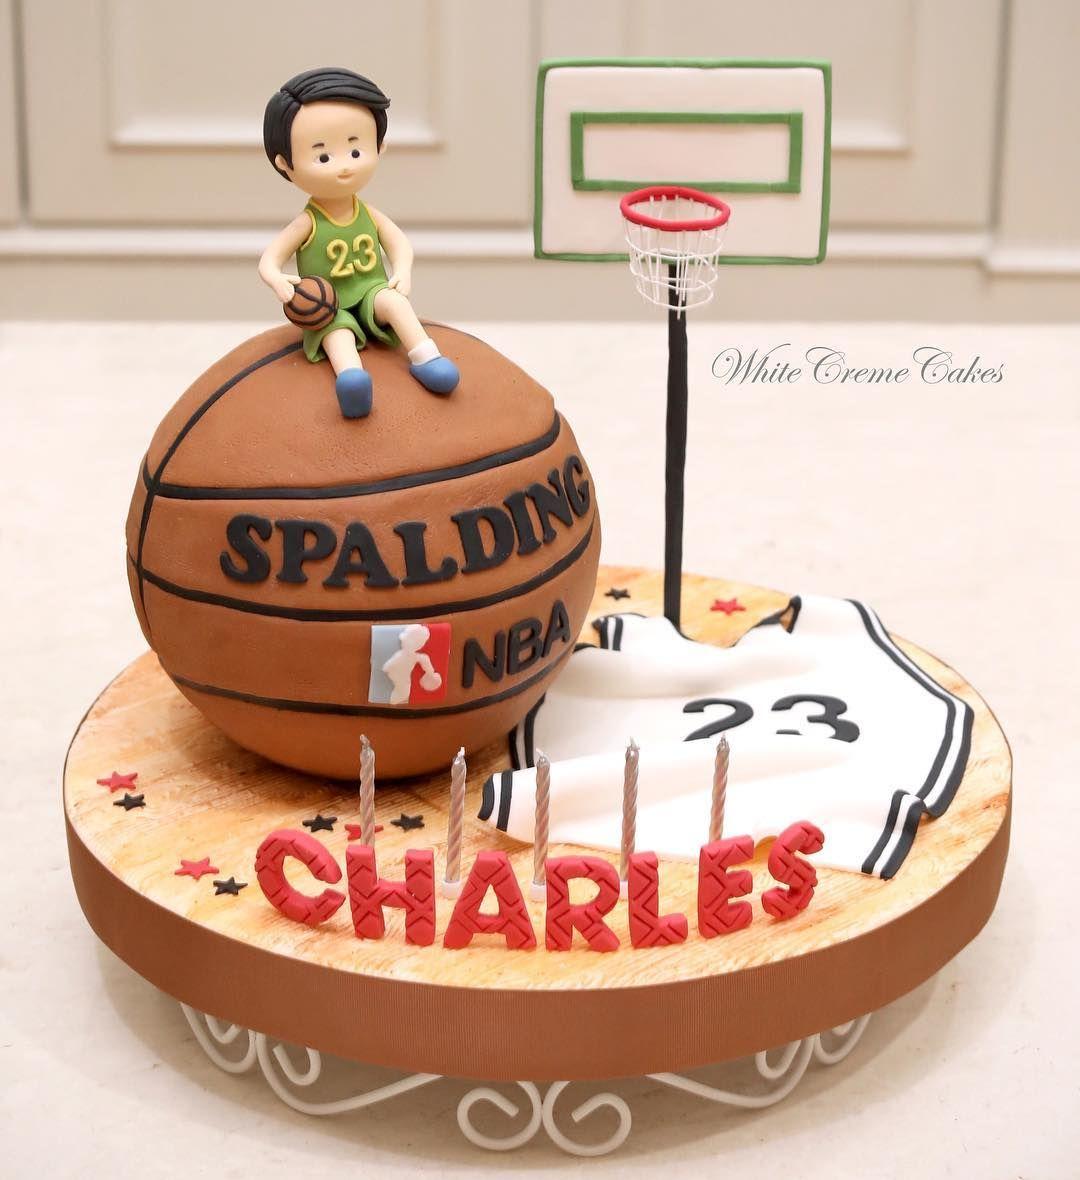 Strange Basketball Themed Cake For Charles Basketballcake Funny Birthday Cards Online Benoljebrpdamsfinfo